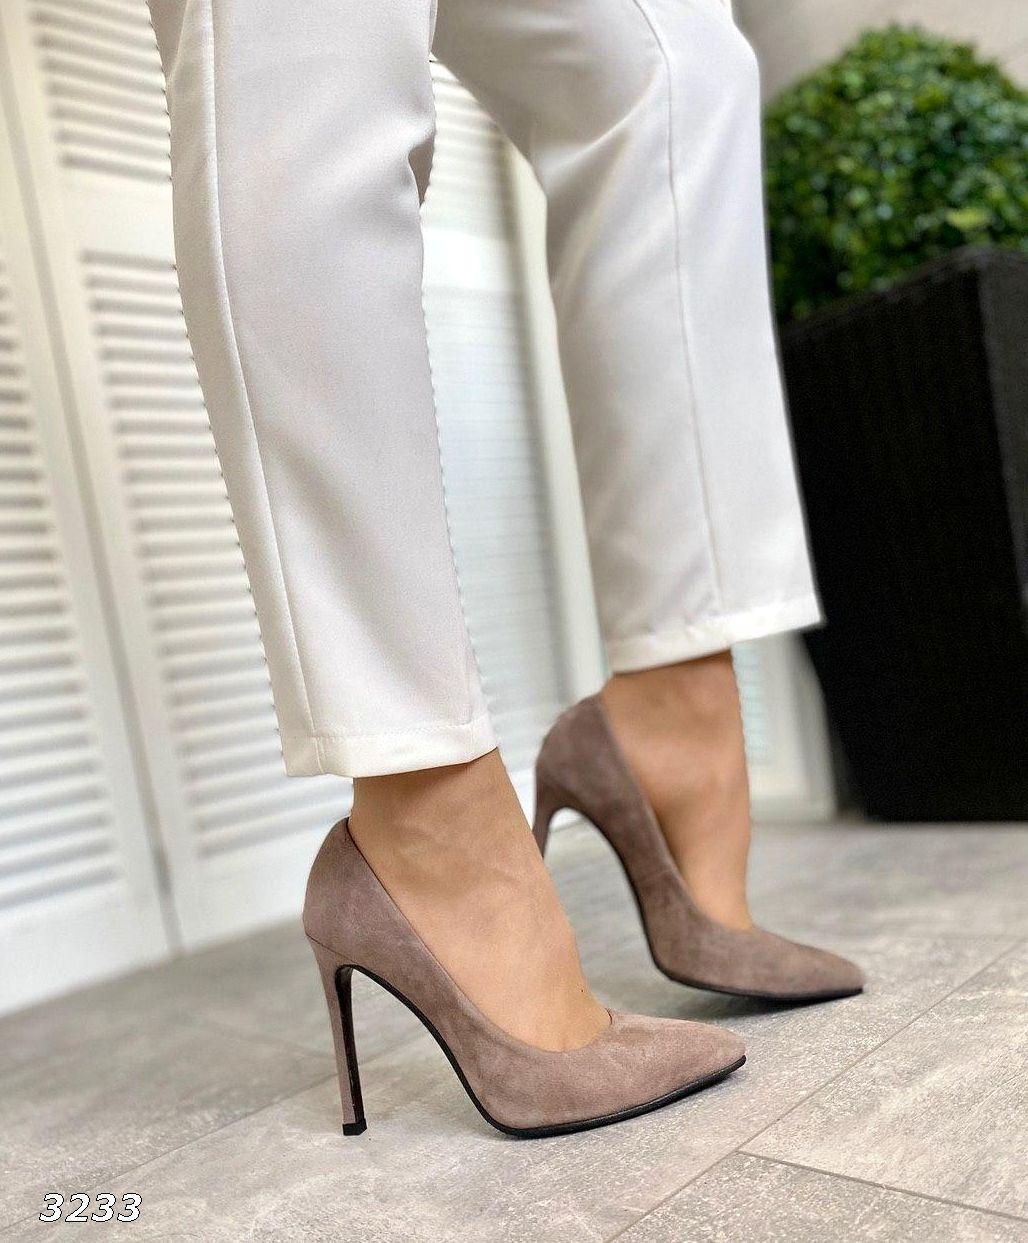 Шикарные замшевые туфли на шпильке 36-40 р визон